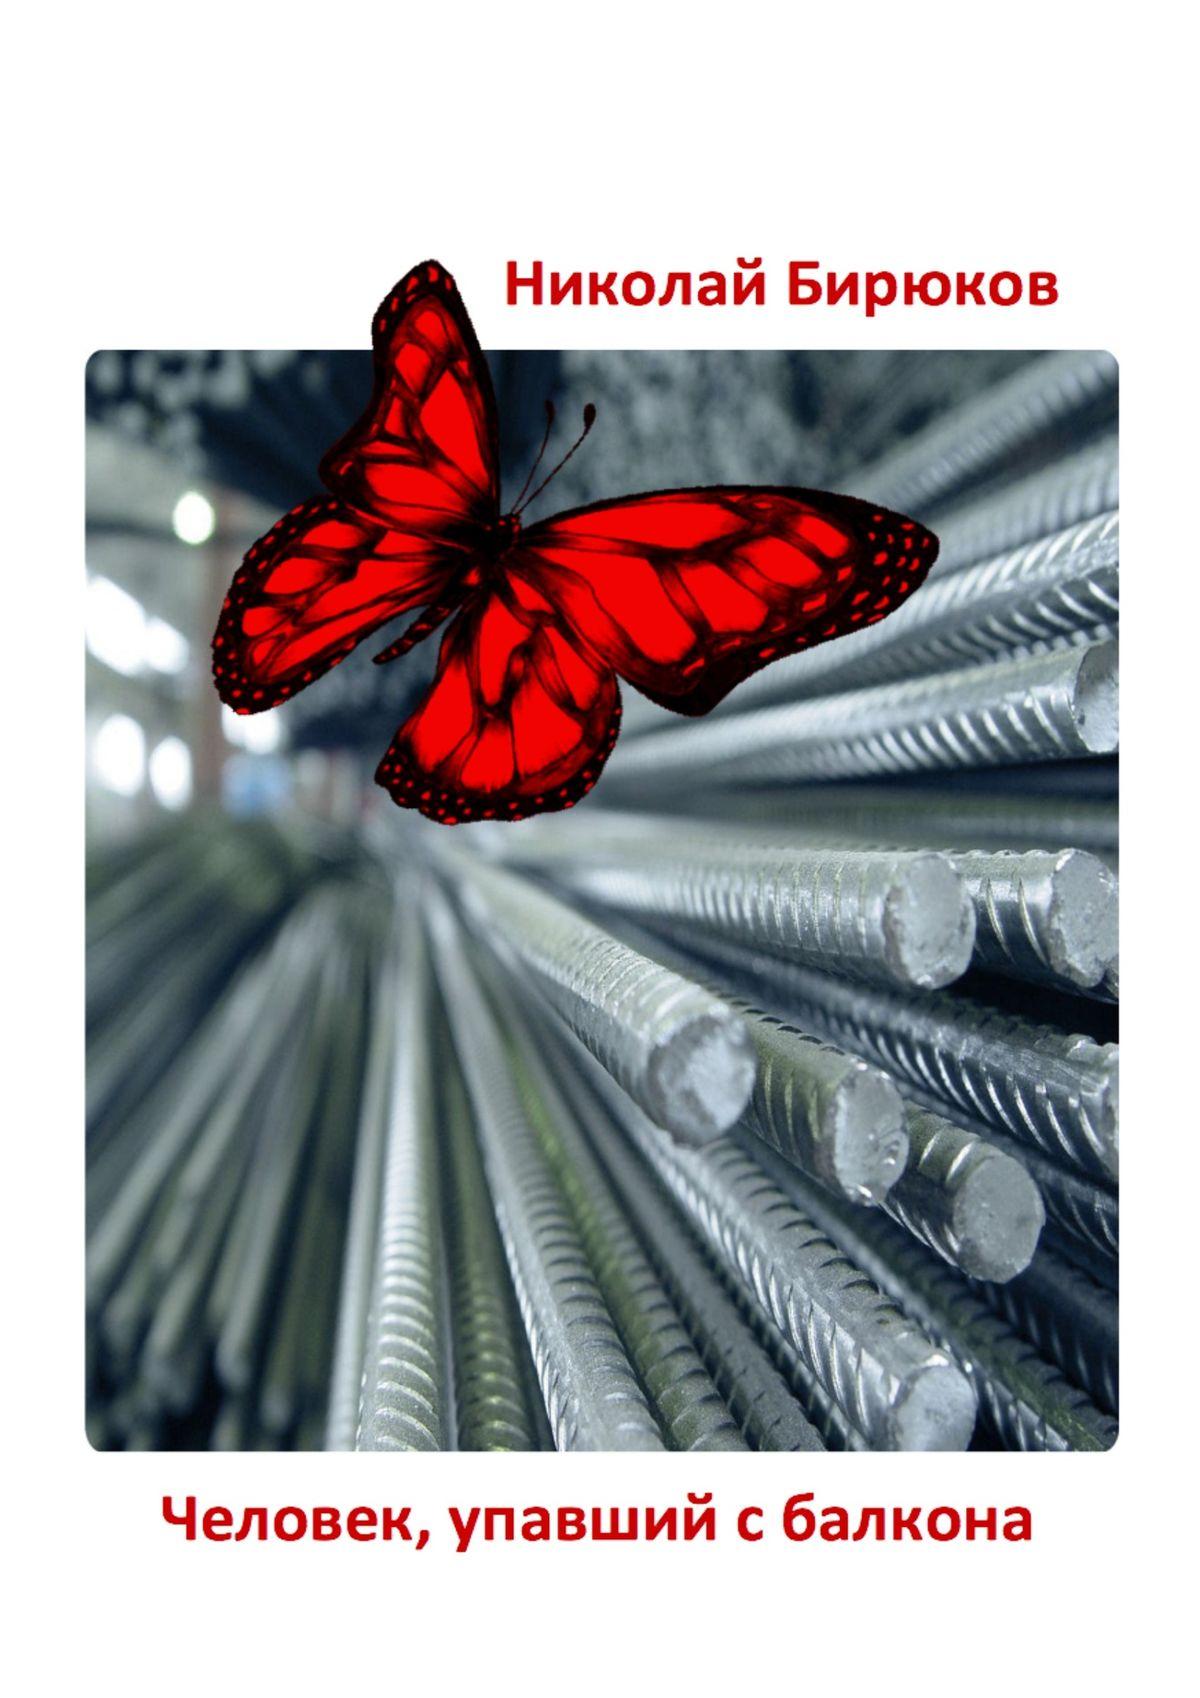 Николай Бирюков Человек, упавший с балкона. Детектив, мистика, любовный роман свадебный подарок